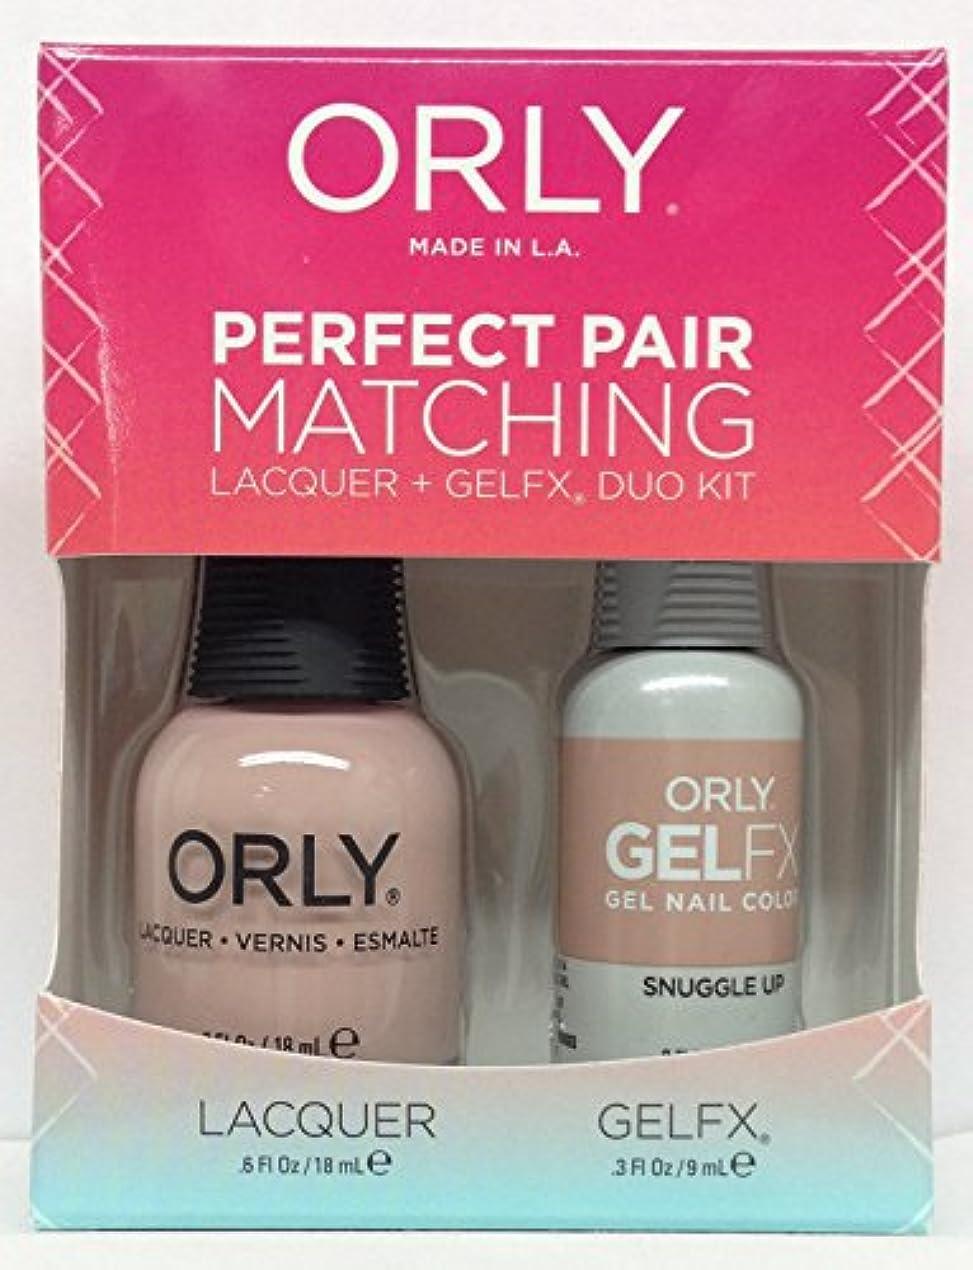 試すキャンドル浮浪者Orly - Perfect Pair Matching Lacquer + GelFX Kit - Snuggle Up - 0.6 oz / 0.3 oz